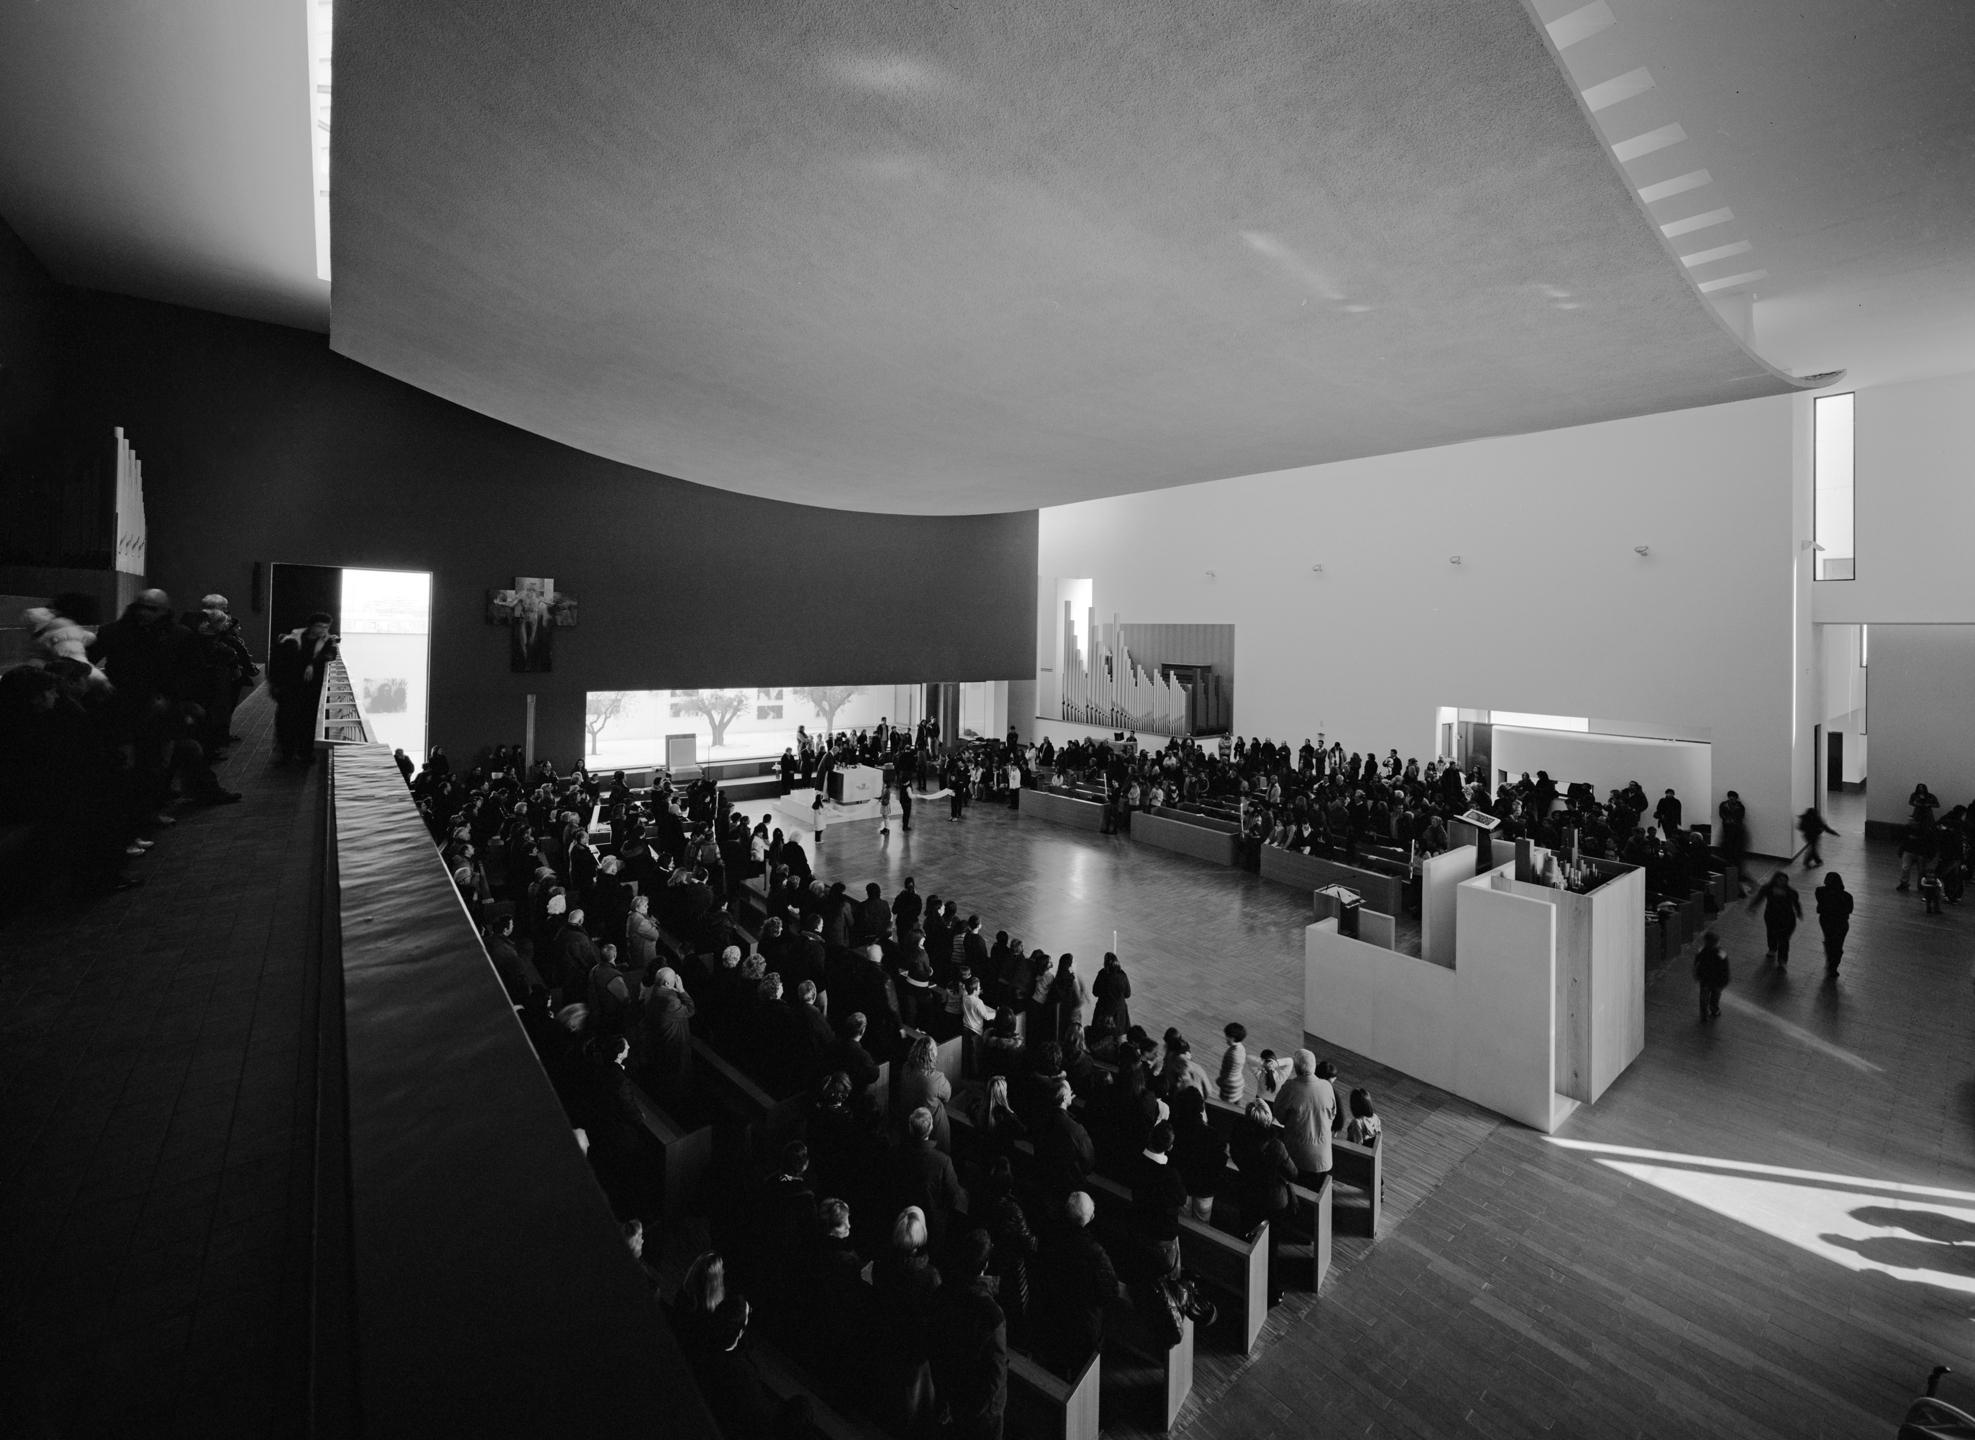 Sistemazione liturgica a Communio Raum (foto courtesy Mauro Galantino)